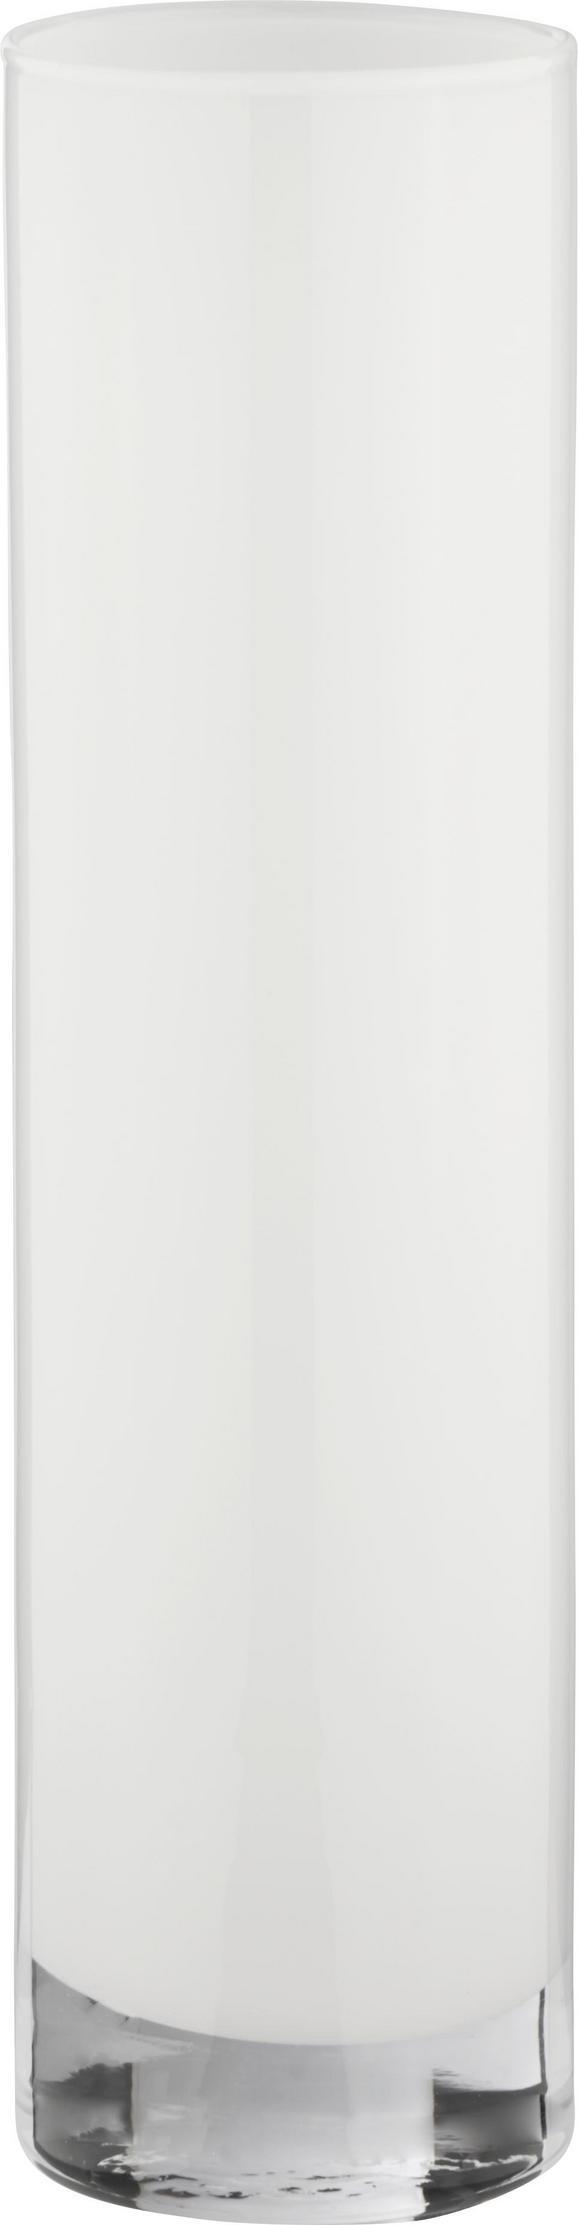 Vase Vivien II Weiß - Weiß, MODERN, Glas (8/30cm) - Mömax modern living